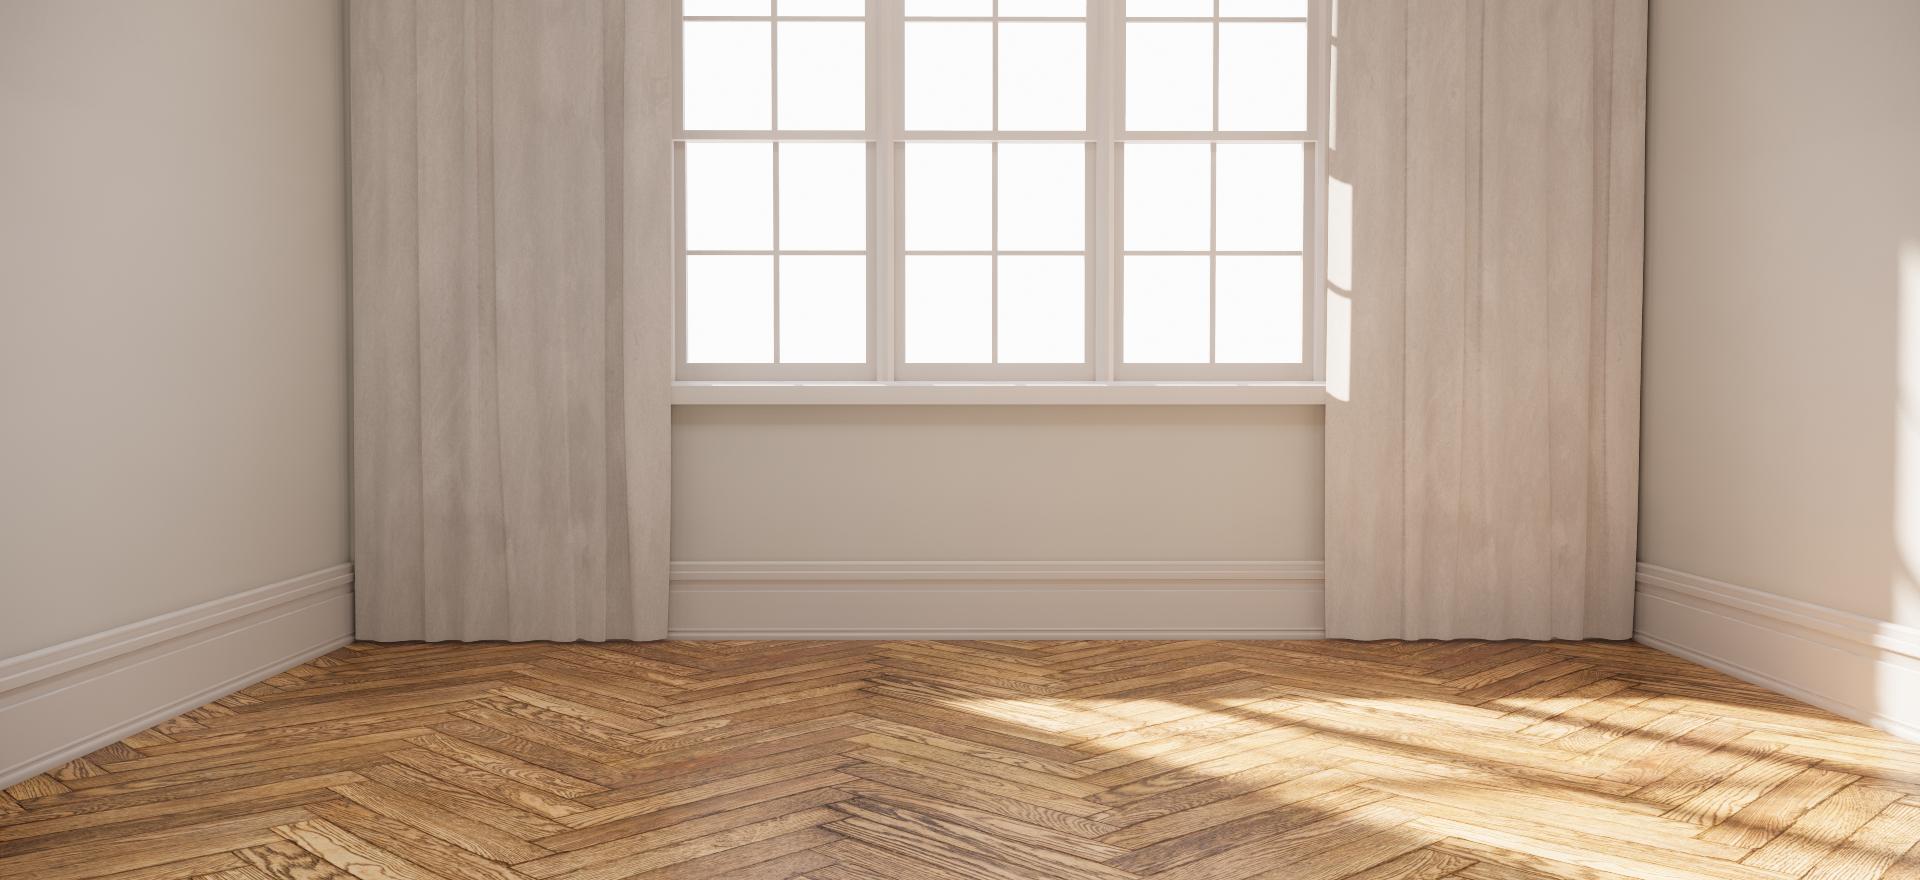 Wood Flooring 11.png